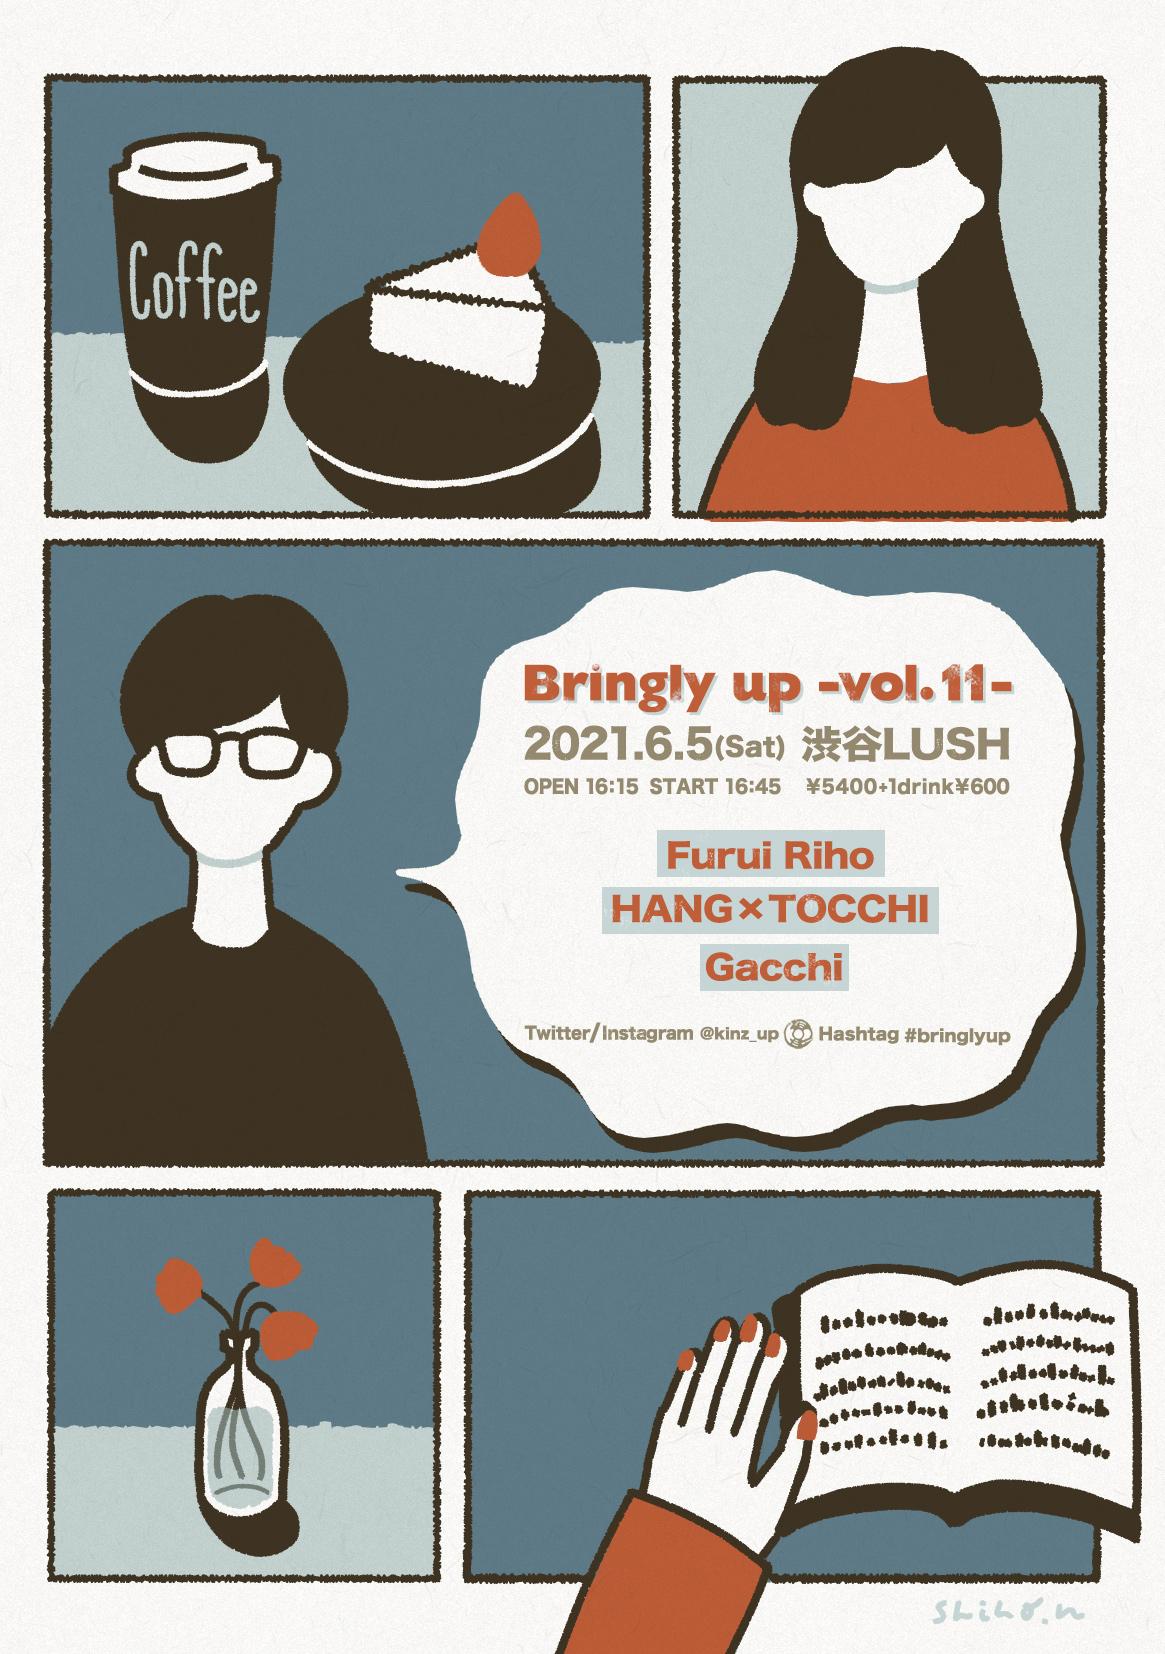 Bringly up -vol.11-